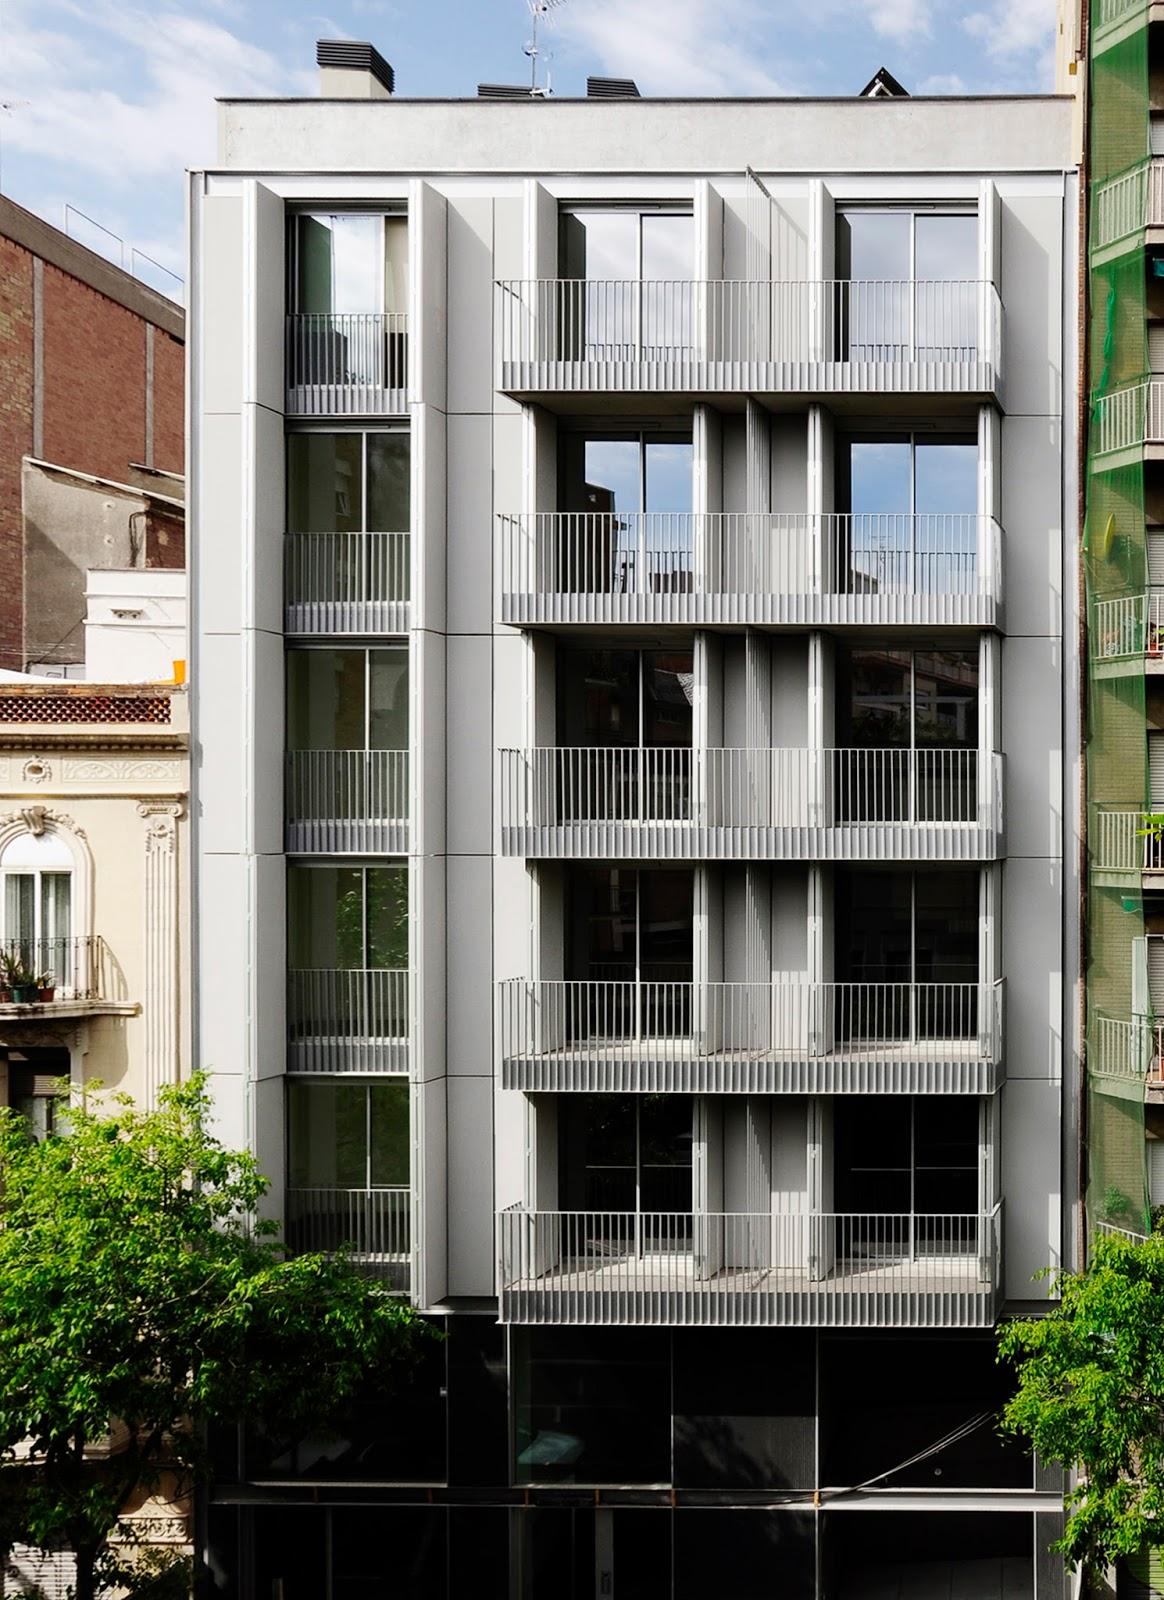 Un edificio con fachada textil ava studio revista for Fachadas de almacenes modernos